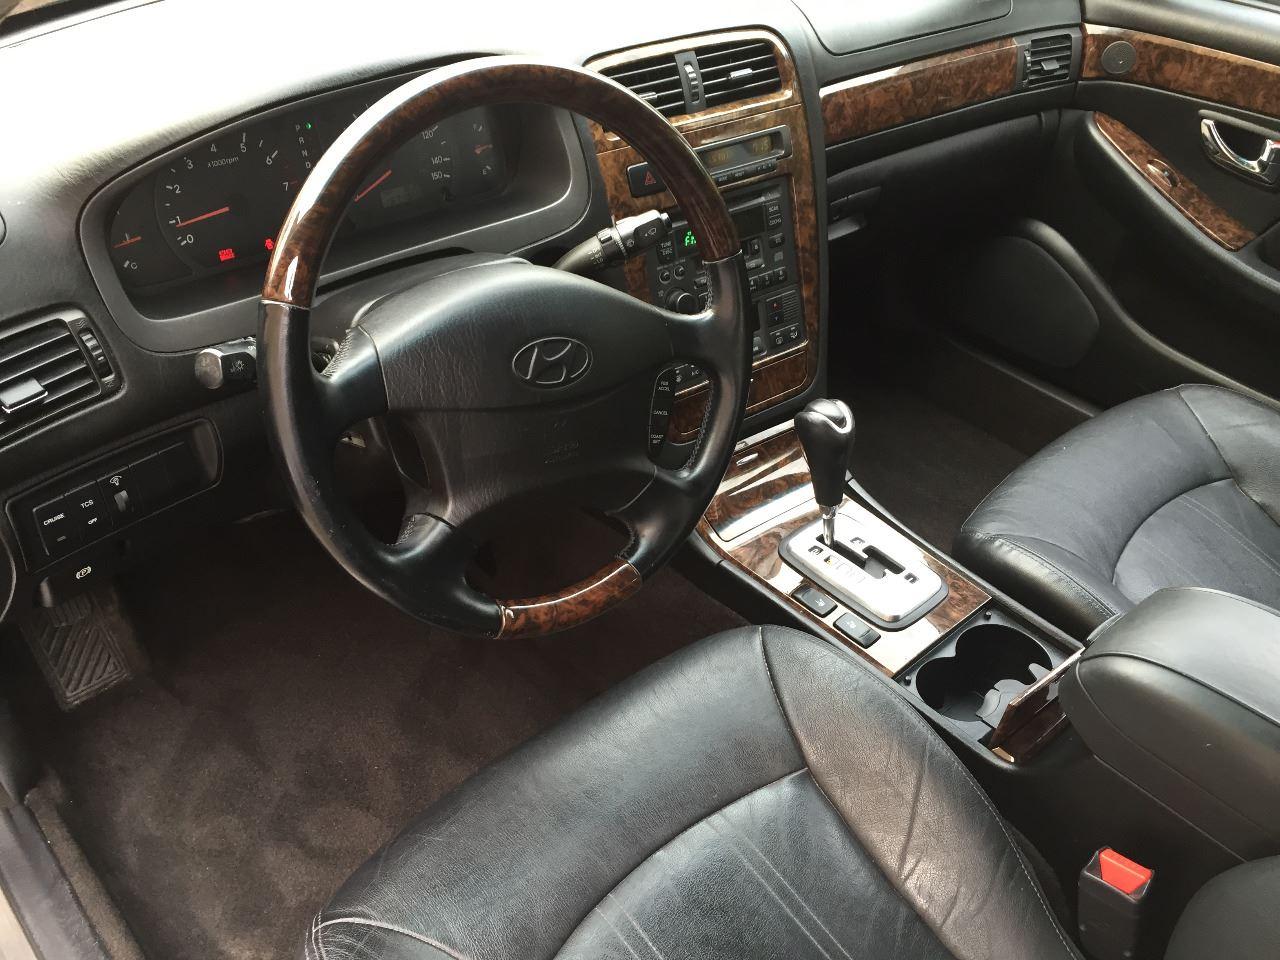 2002 hyundai xg350 l 4dr sedan in cincinnati oh kbs auto sales 2002 hyundai xg350 l 4dr sedan in